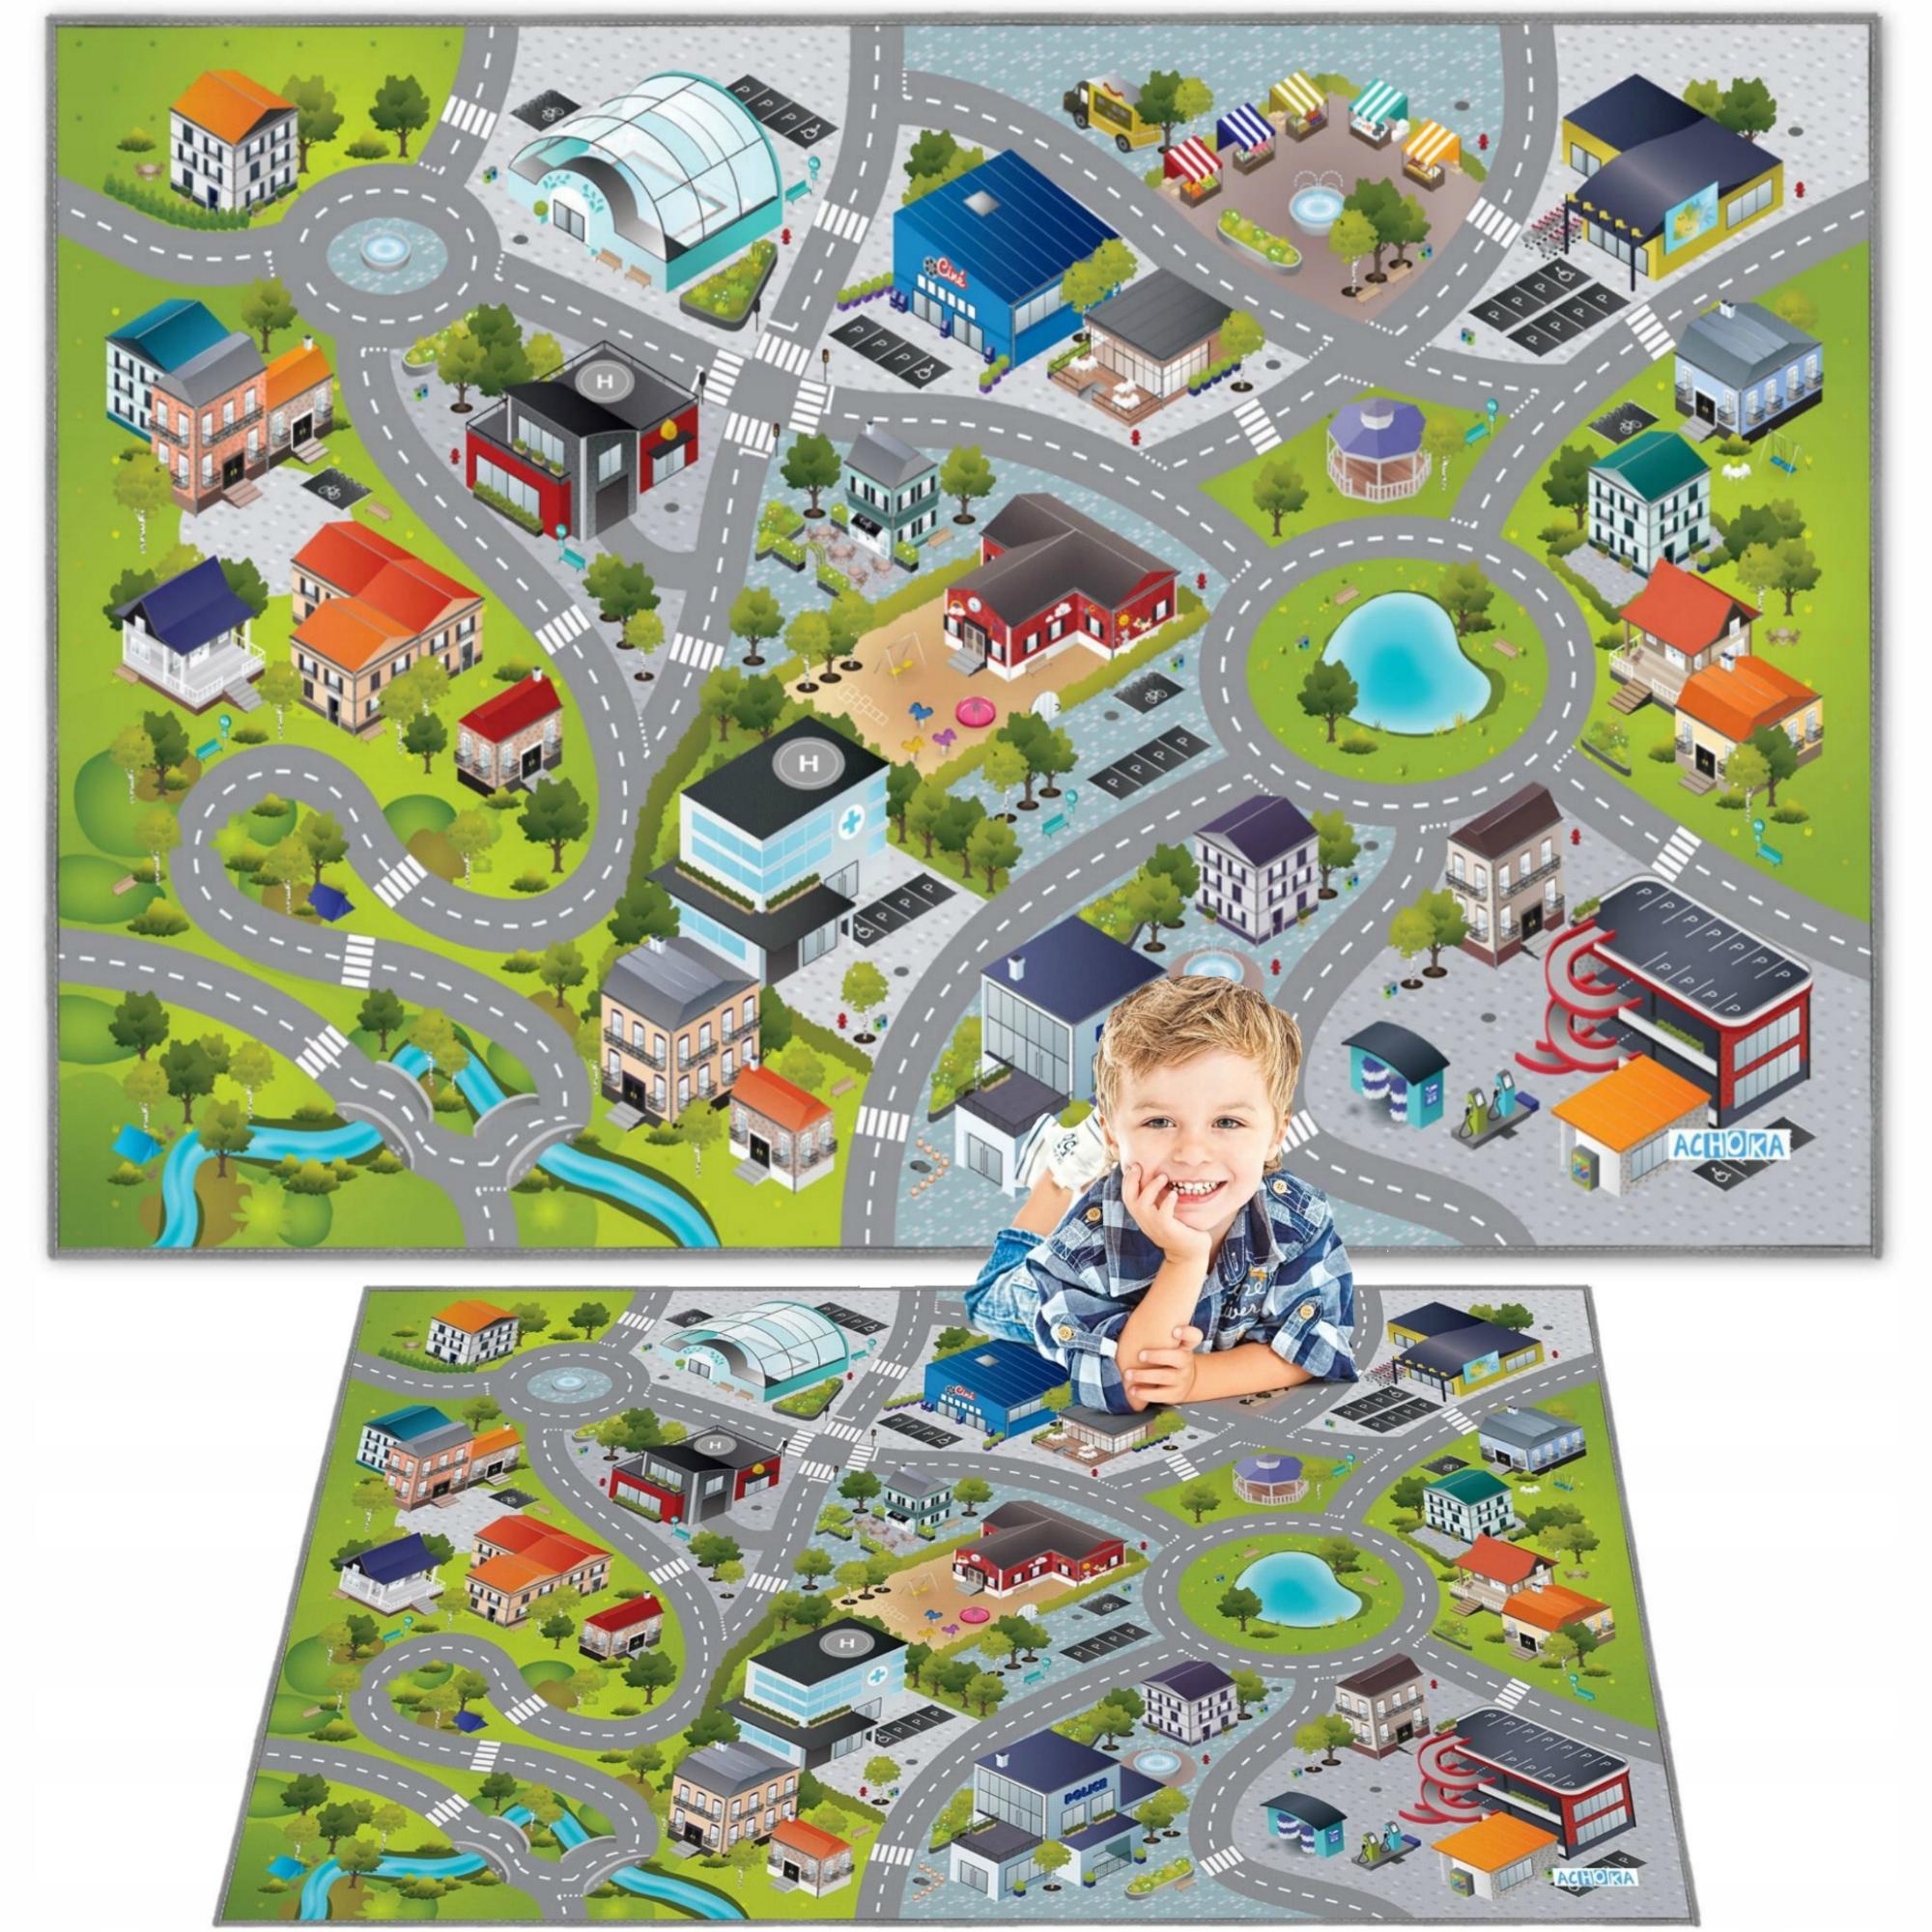 КОВРИК CITY STREETS ROAD 3D EFFECT 100x150 CM